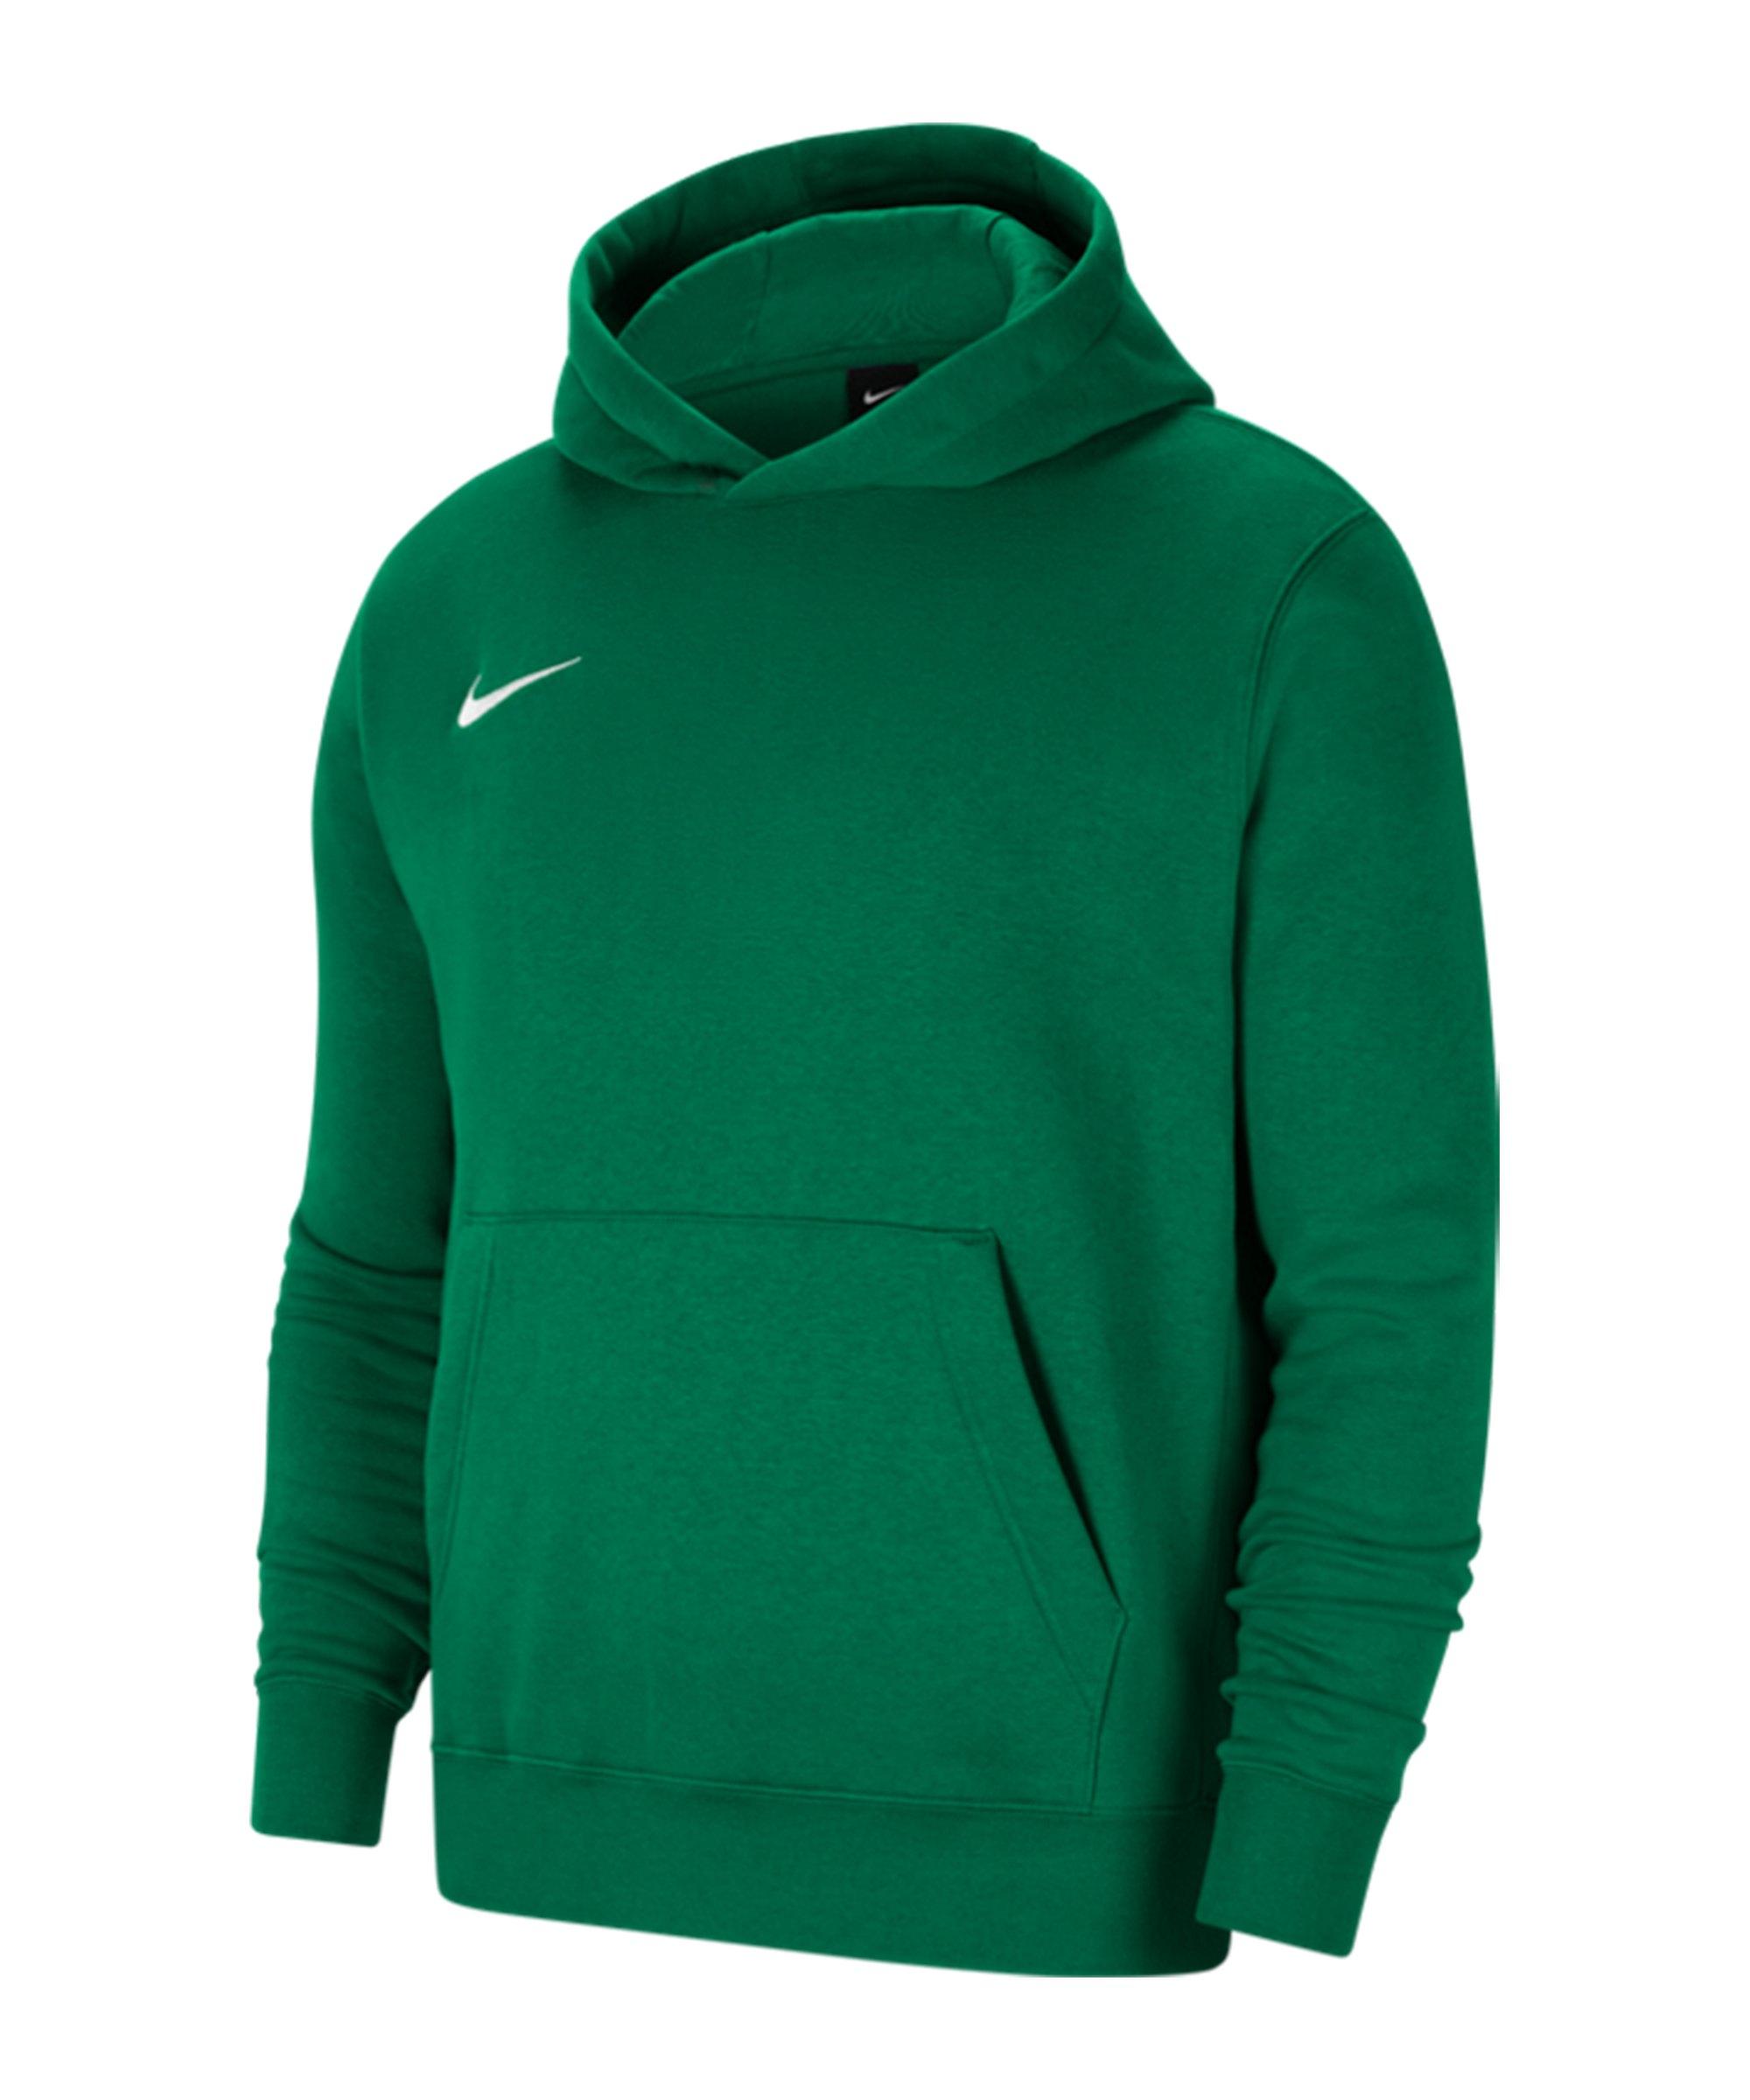 Nike Park 20 Fleece Hoody Kids Grün Weiss F302 - gruen